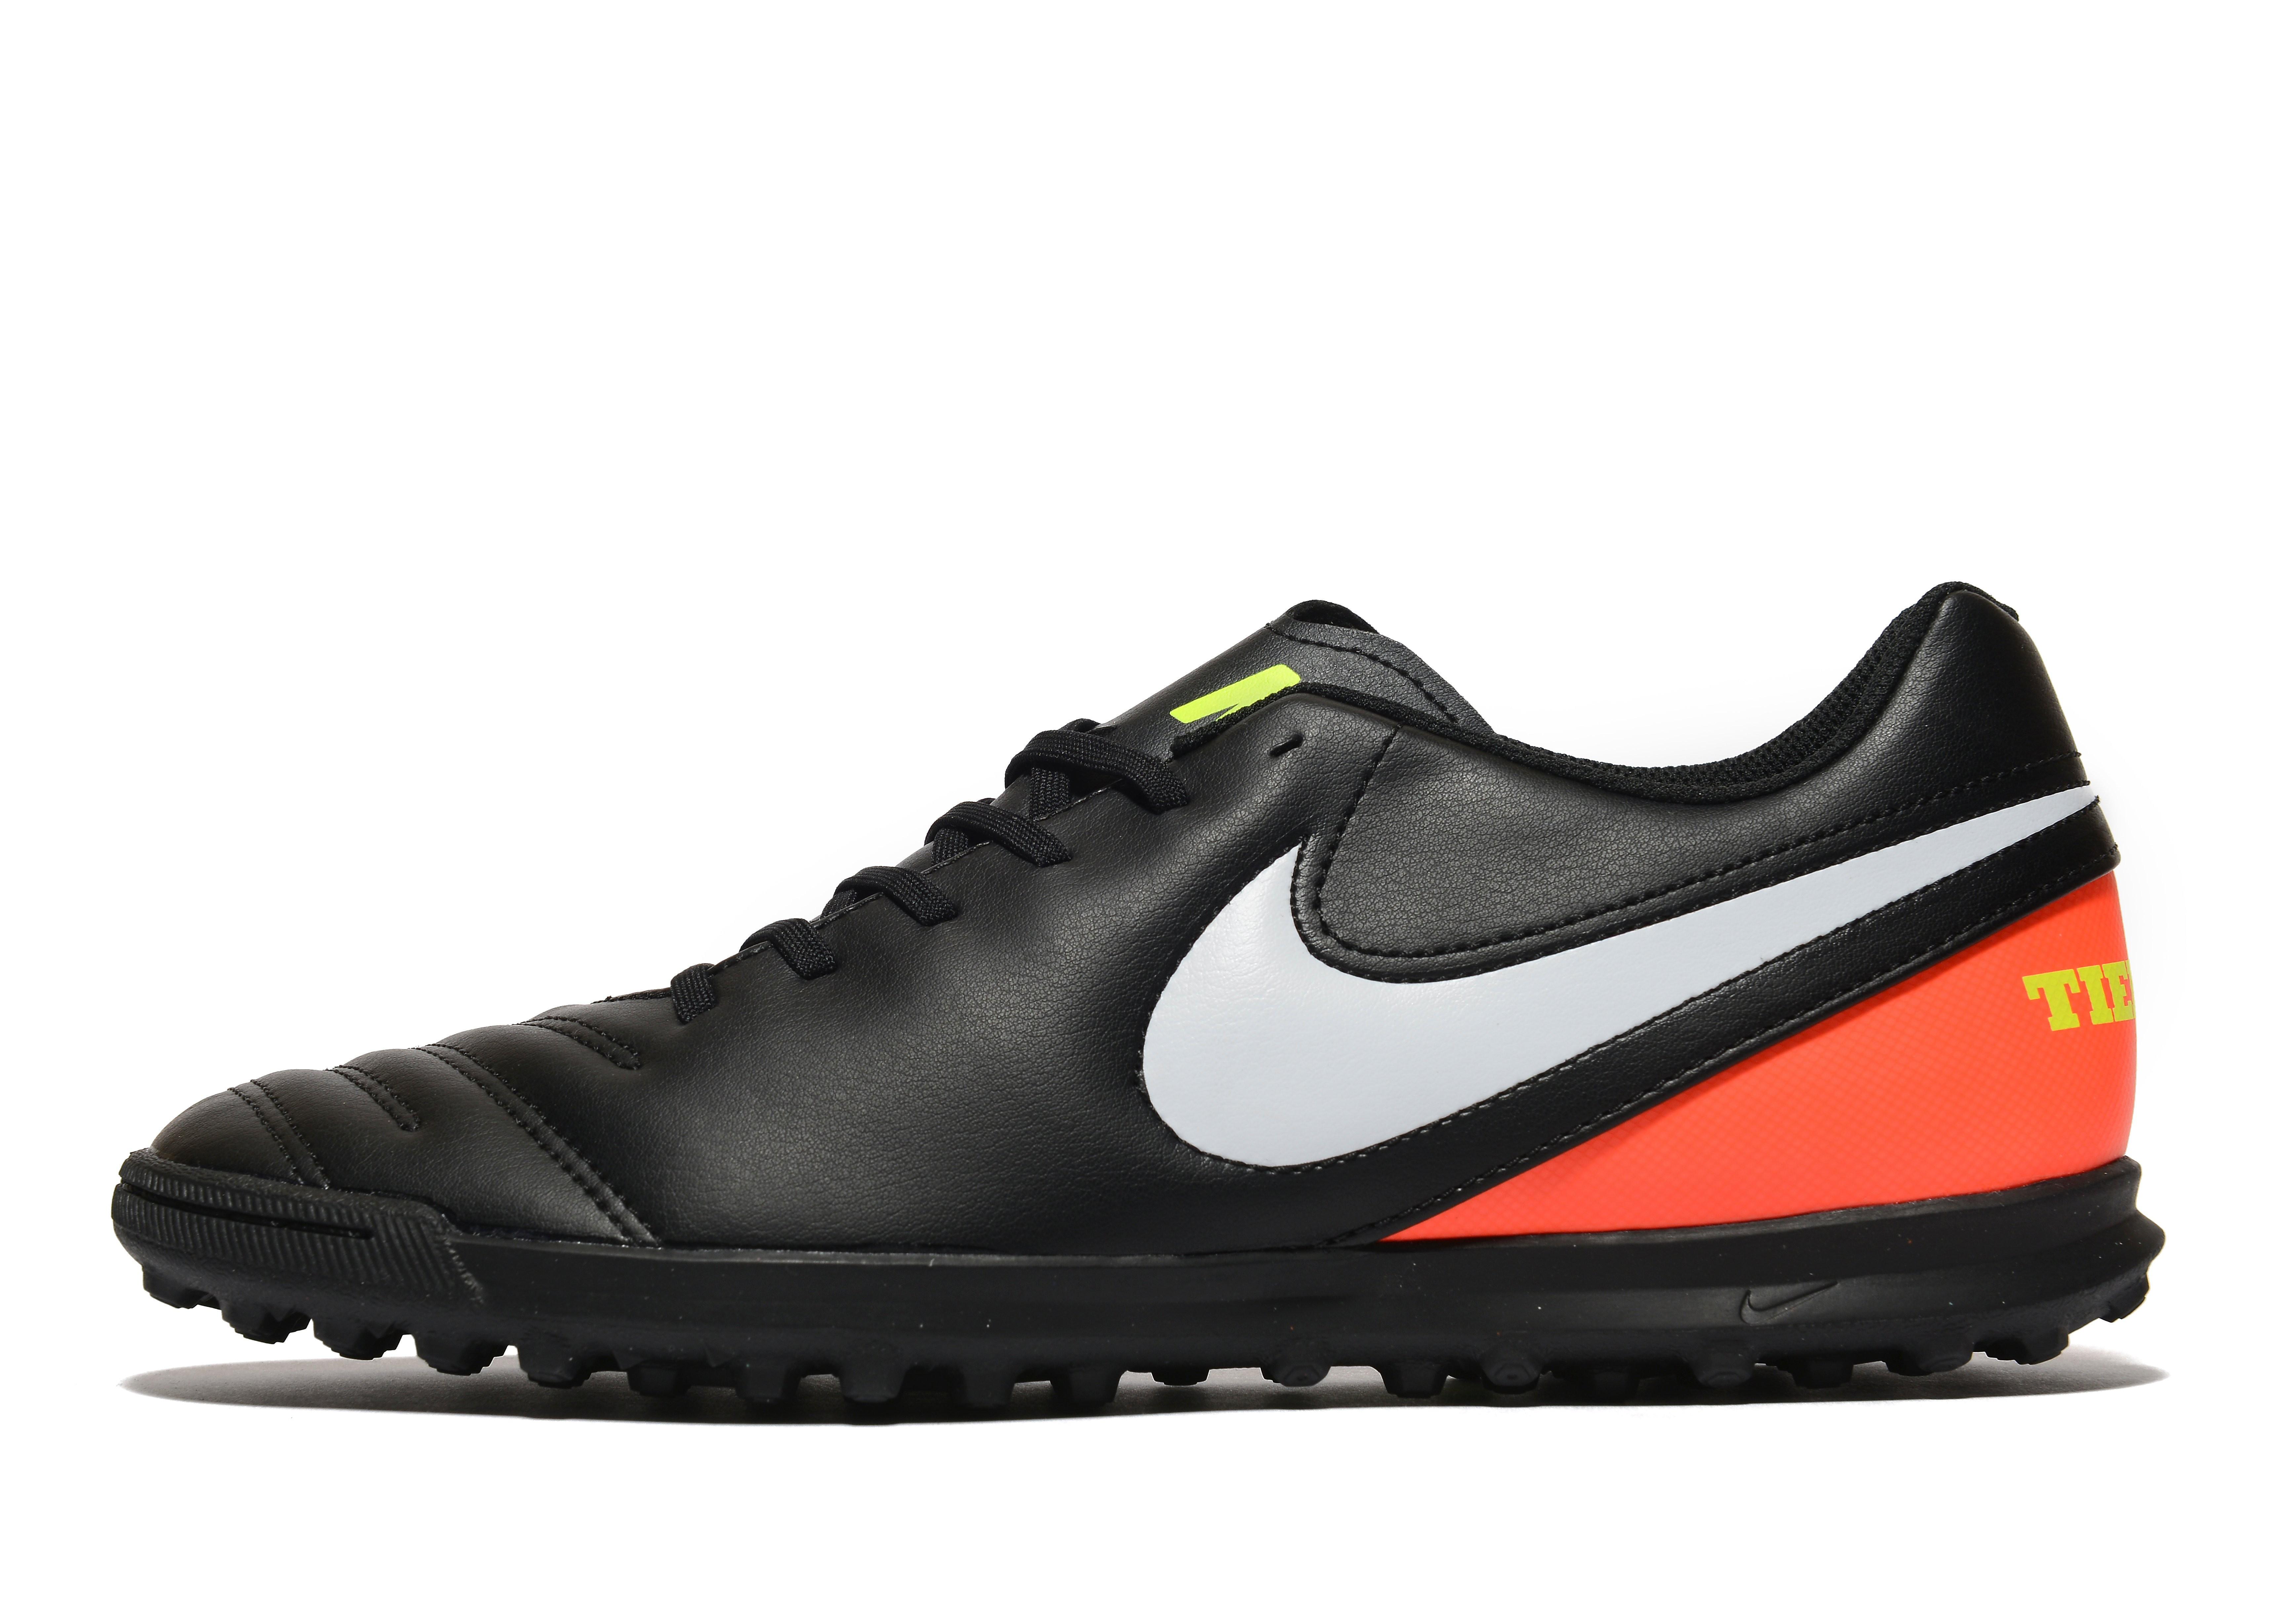 Nike Dark Lightning Tiempo Rio III Turf